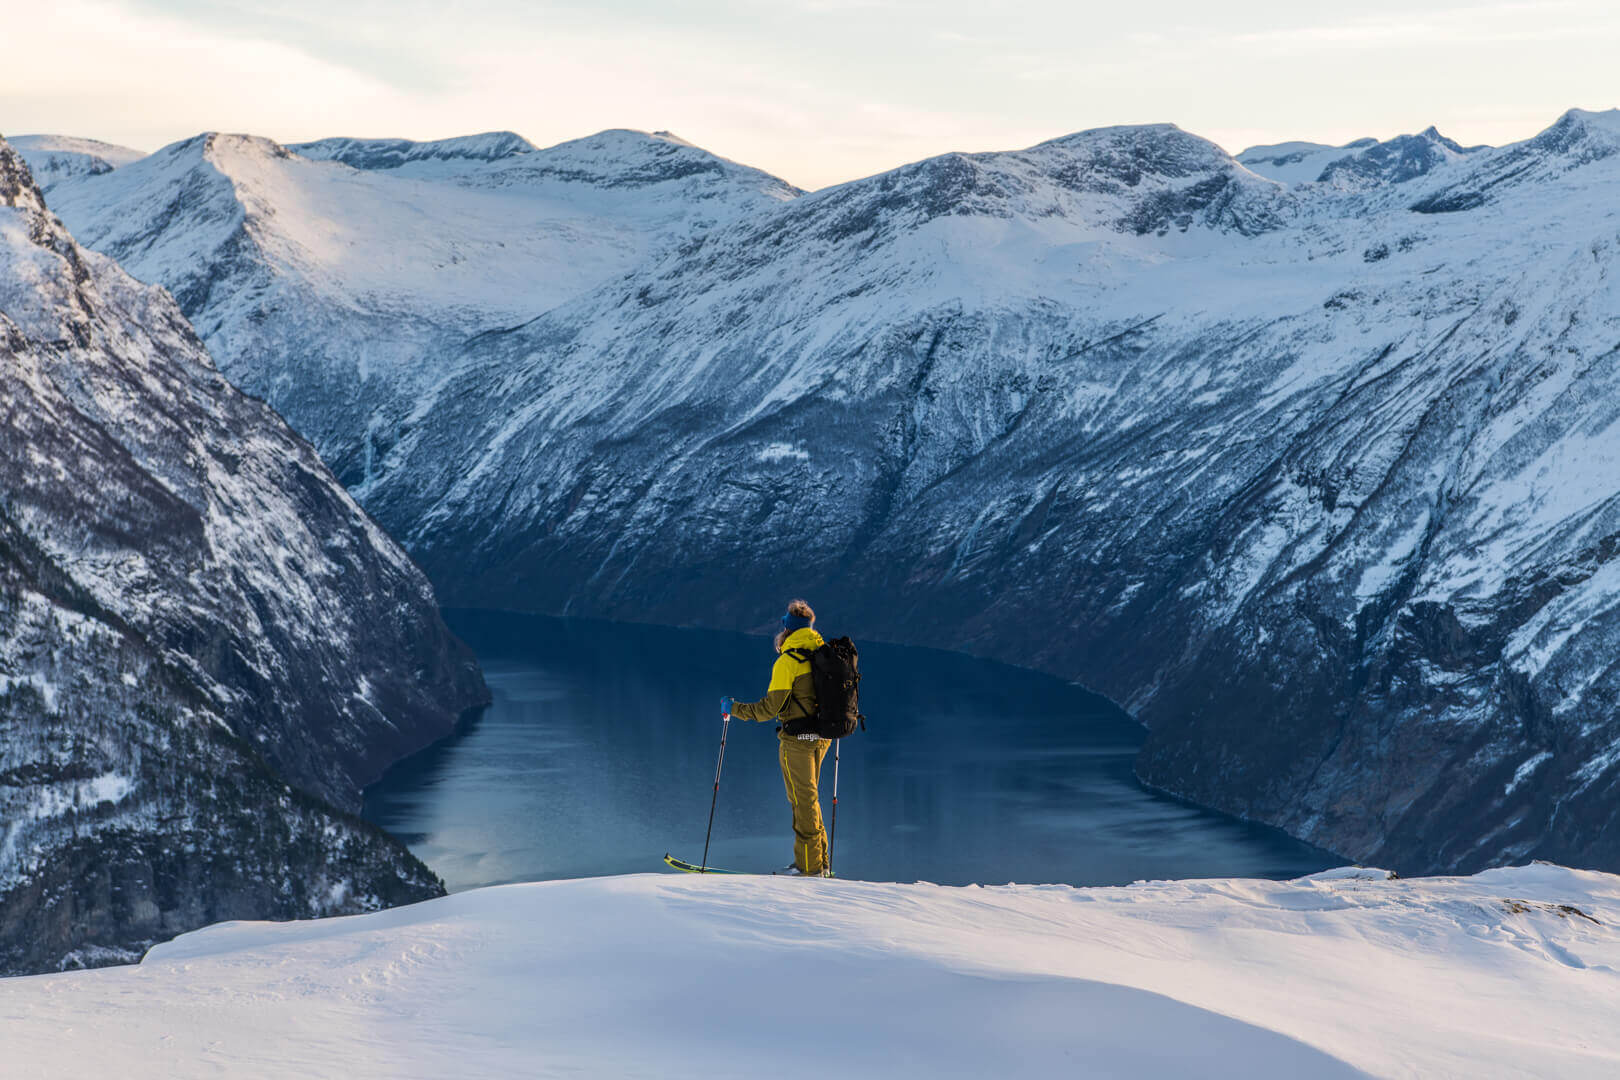 Ski touring in Stranda, Norway